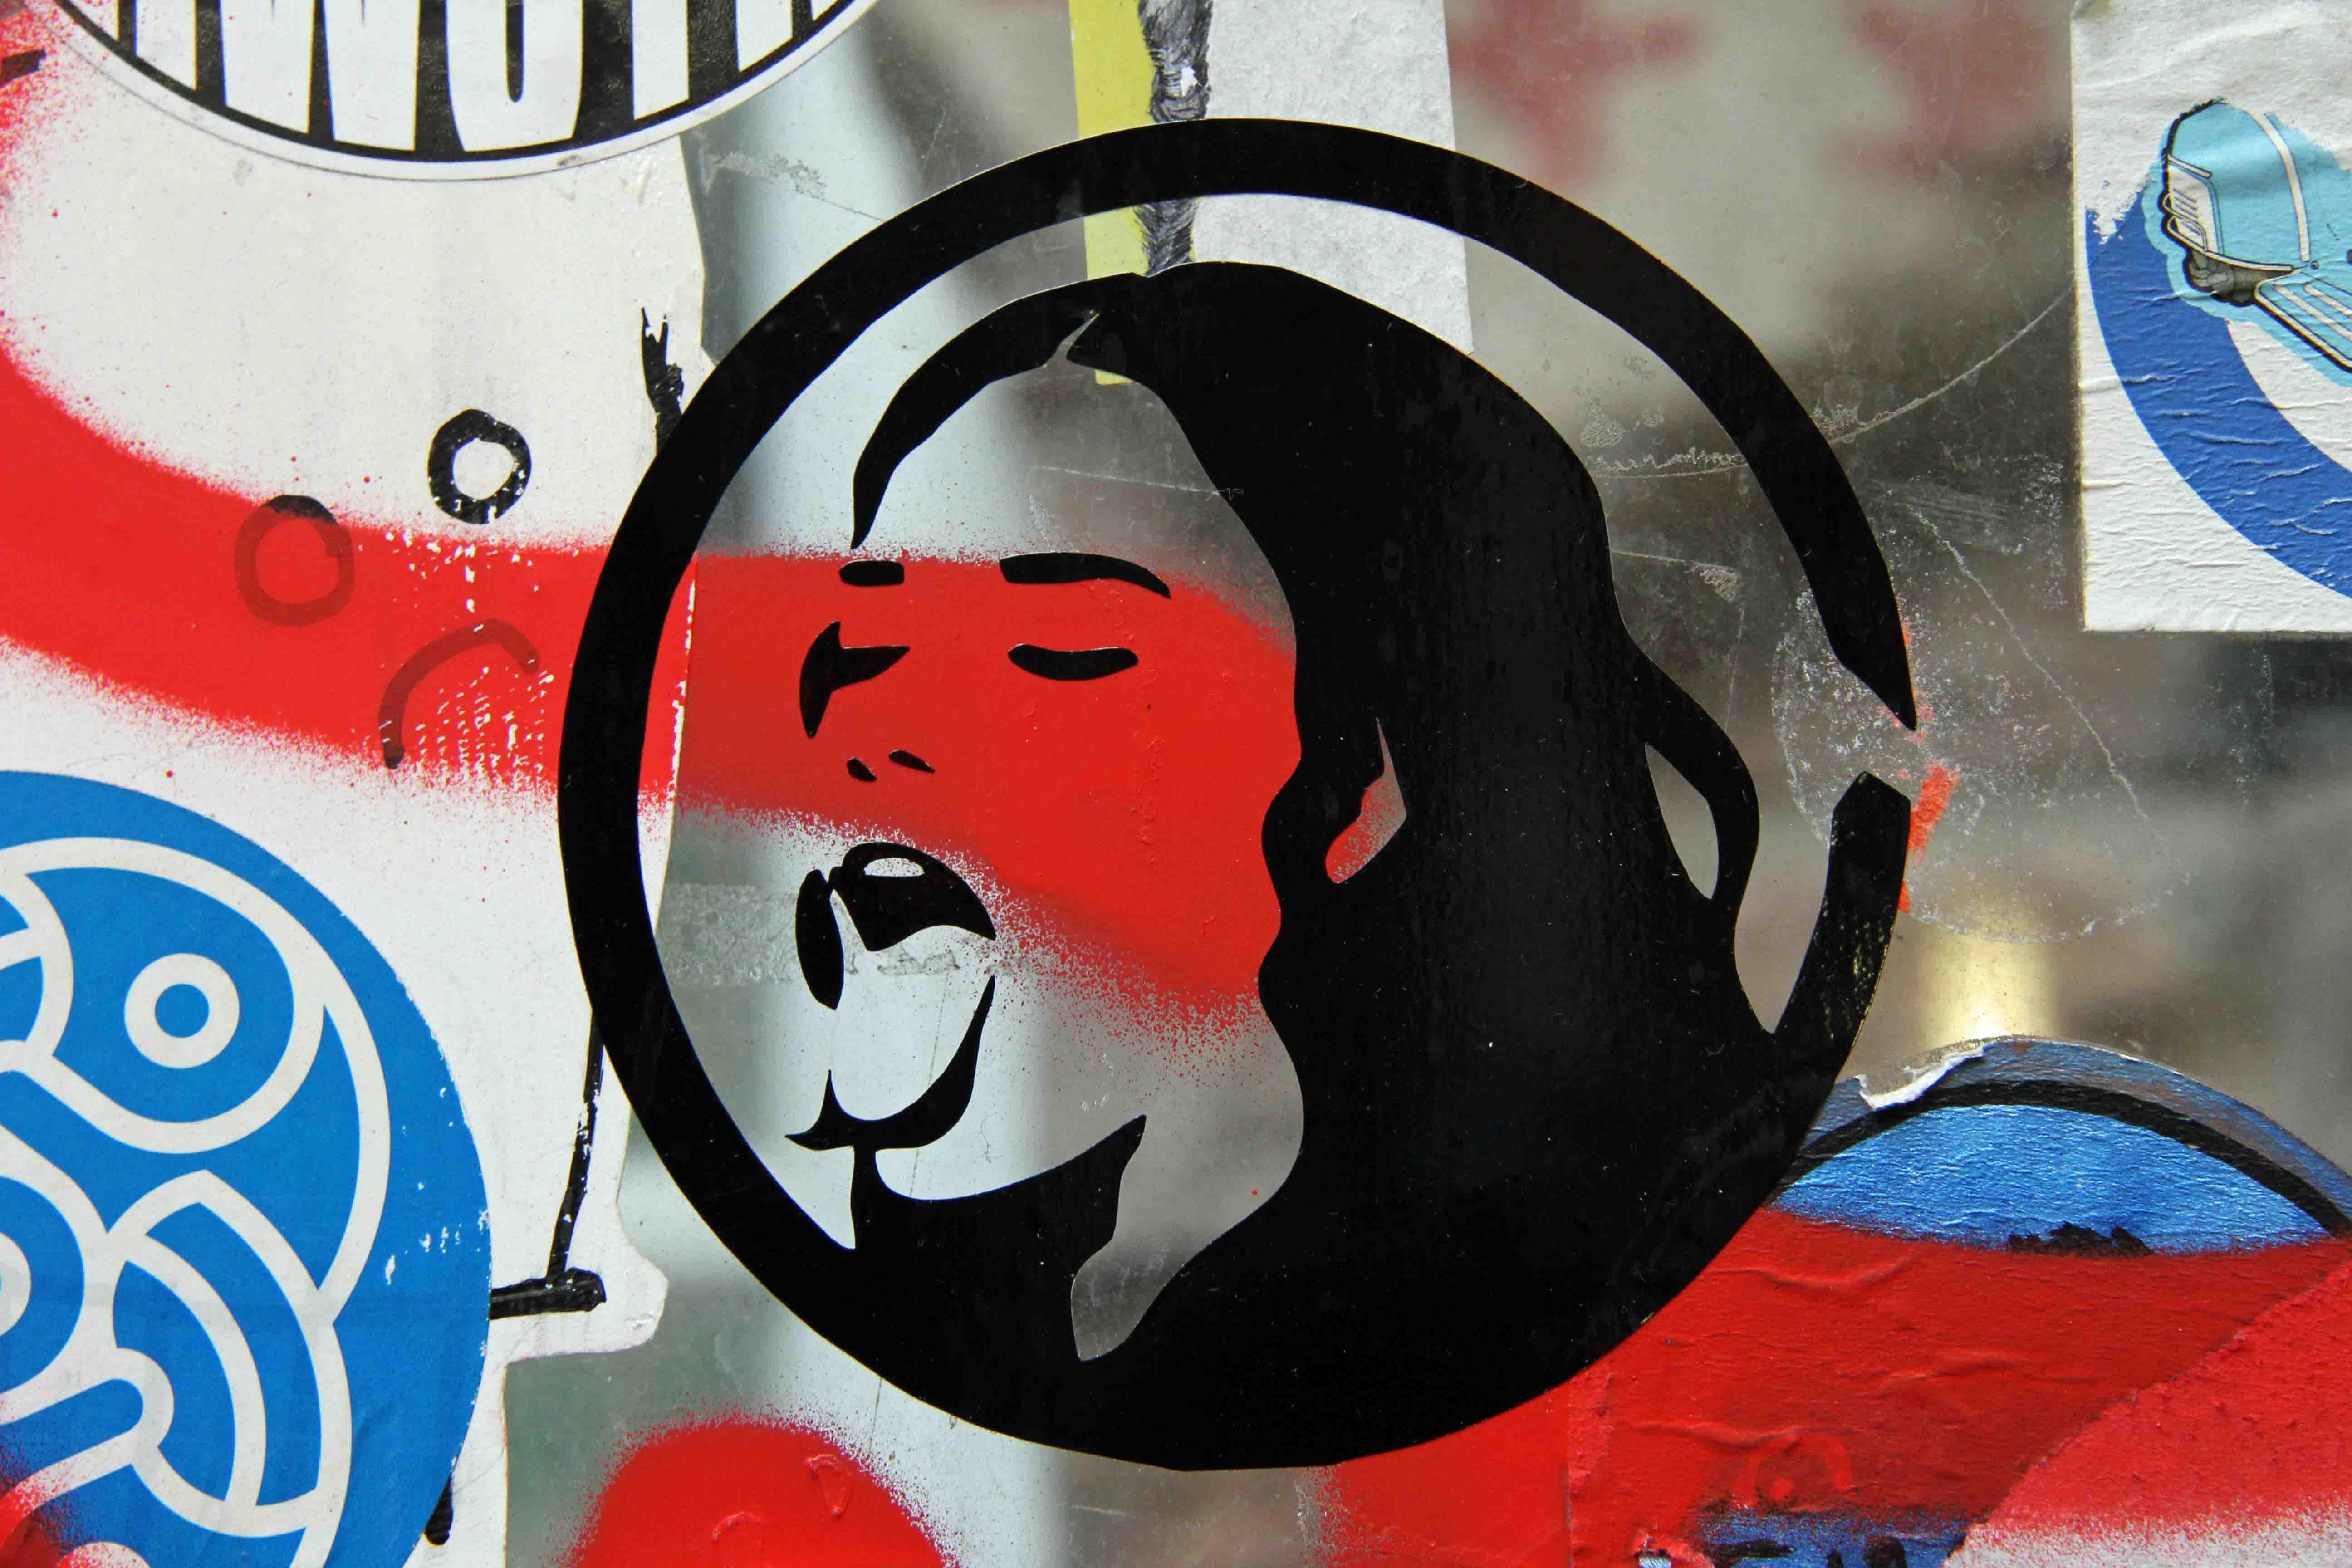 Aaaargh - Street Art by Unknown Artist in Berlin